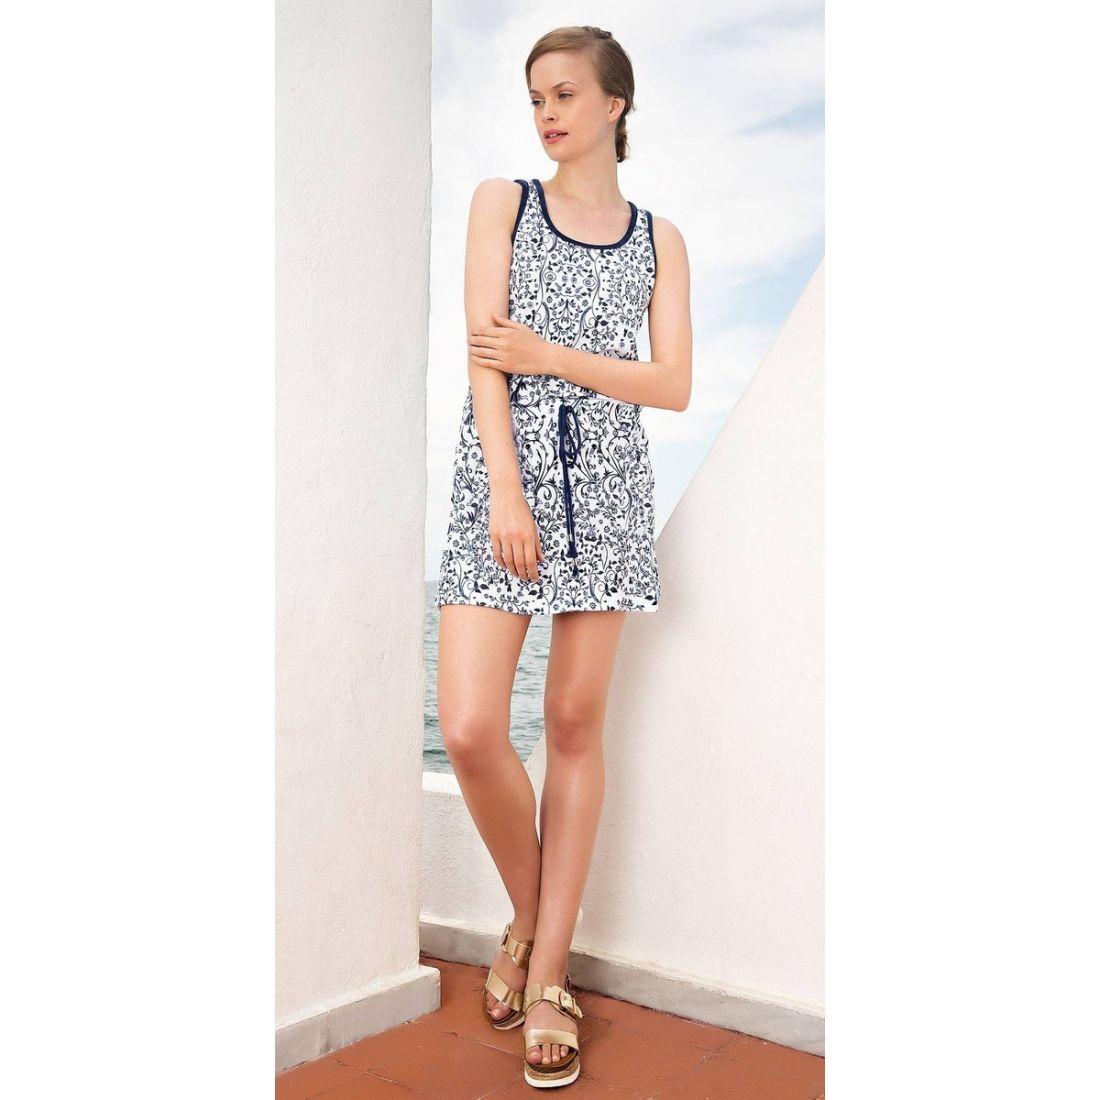 3c35df684de0 Prádlo Lila - Oblečení - Dámské oblečení - Plážové šaty - Dámské ...